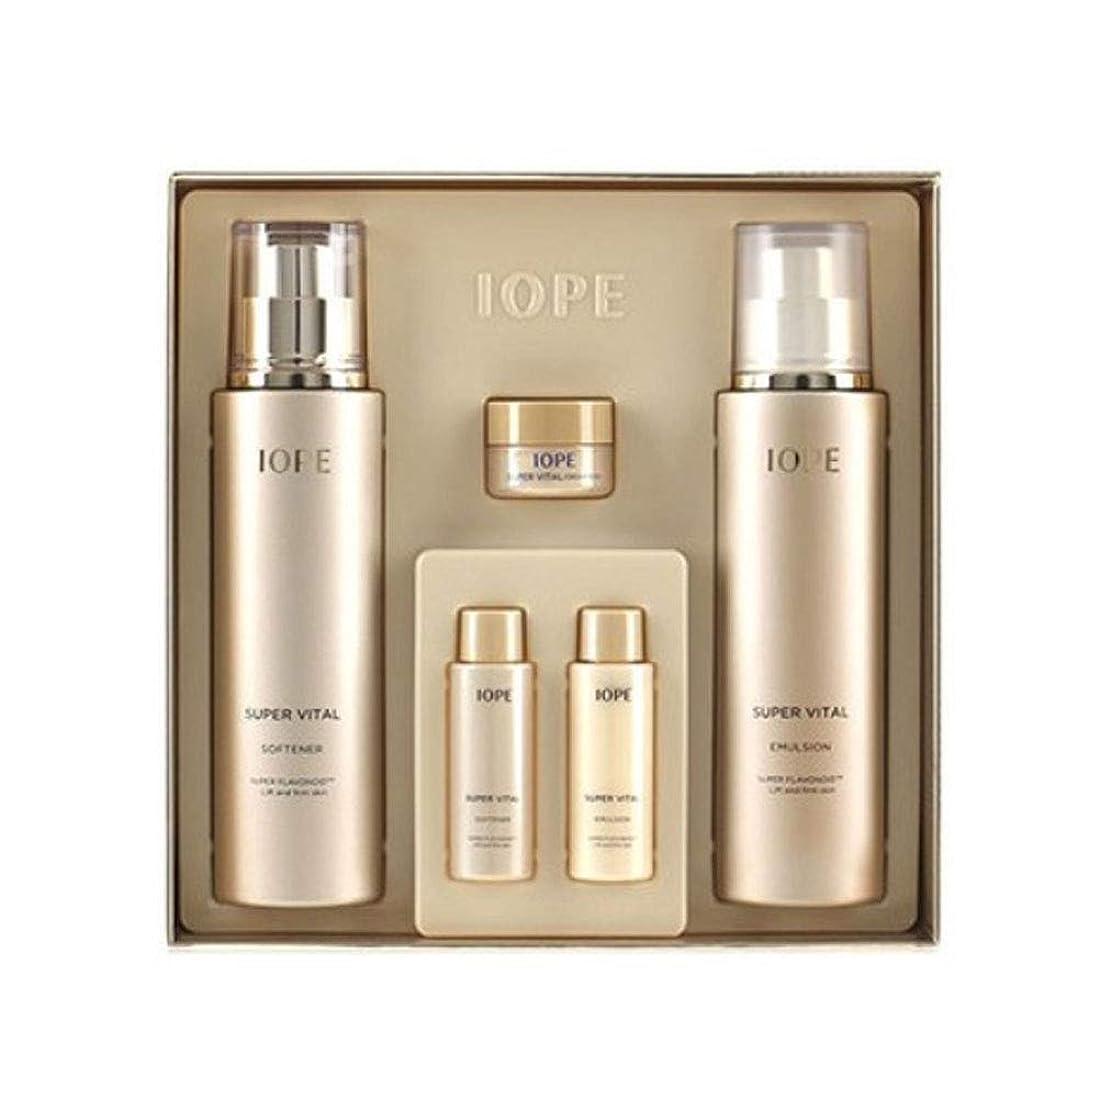 確実宙返りバナーアイオペスーパーバイタル基礎化粧品ソフナーエマルジョンセット韓国コスメ、IOPE Super Vital Softener Emulsion Set Korean Cosmetics [並行輸入品]